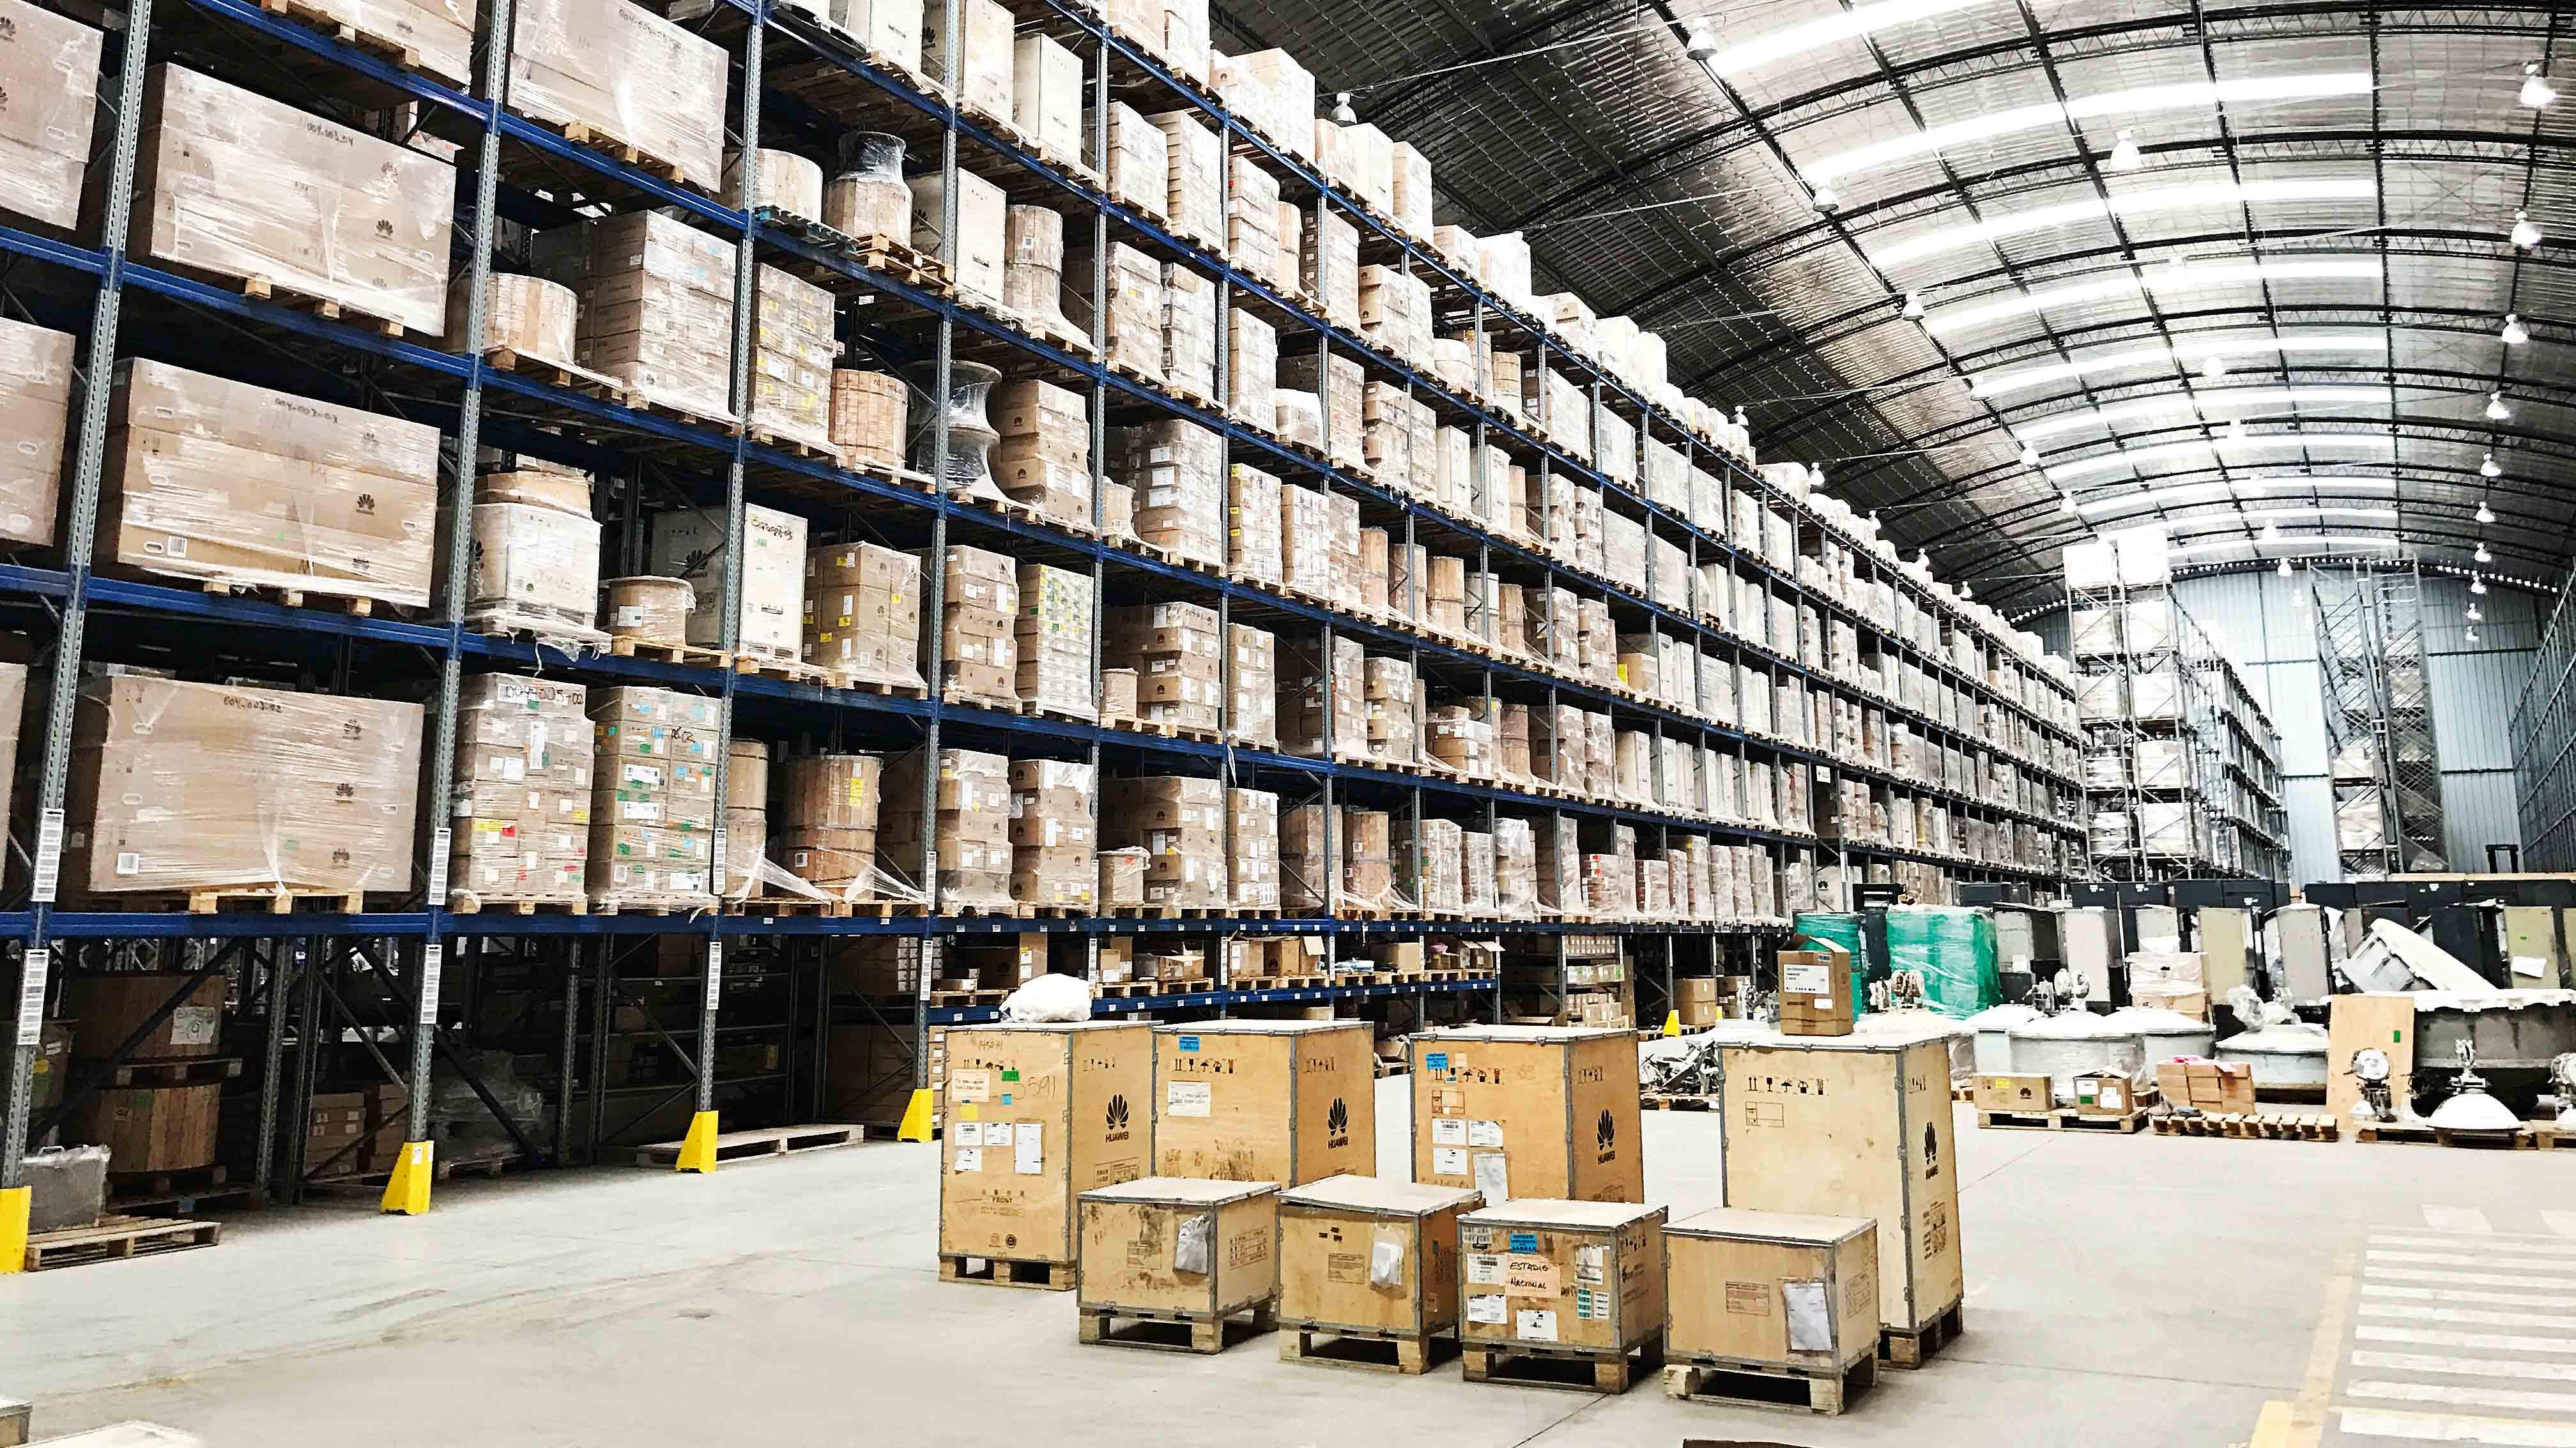 foco-en-scharff-operador-logistico-que-tendra-un-centro-de-distribucion-en-el-jockey-plaza